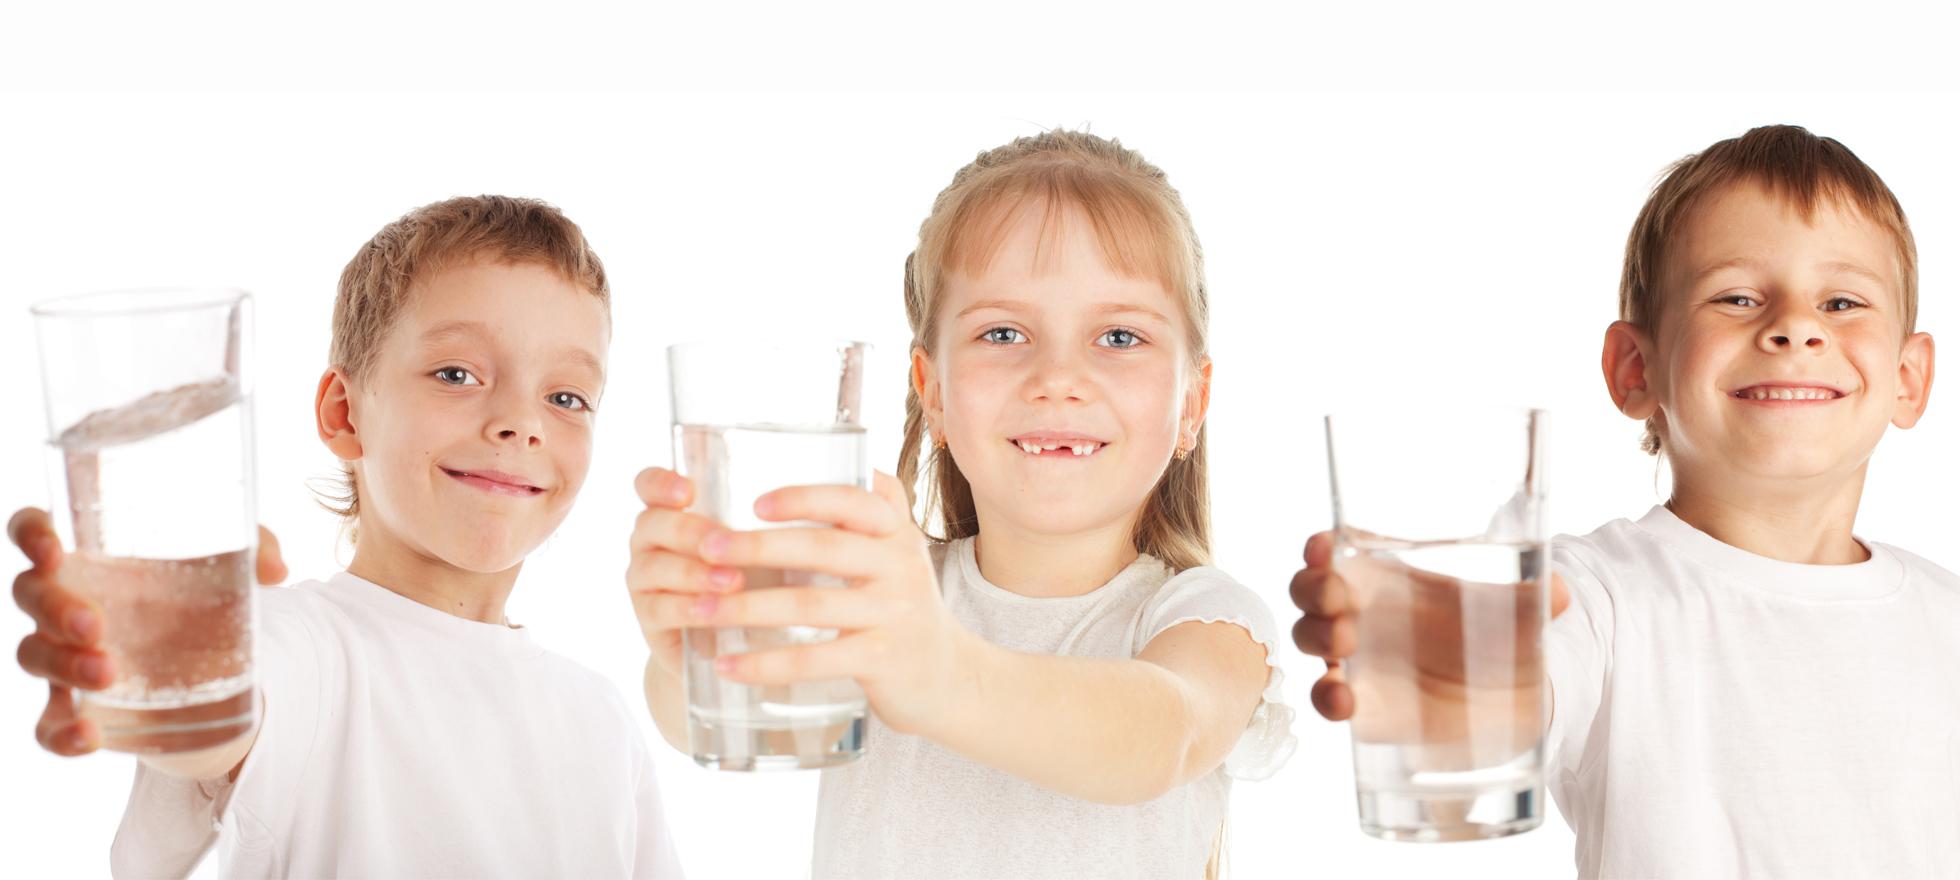 Bambini bevono bicchieri d'acqua